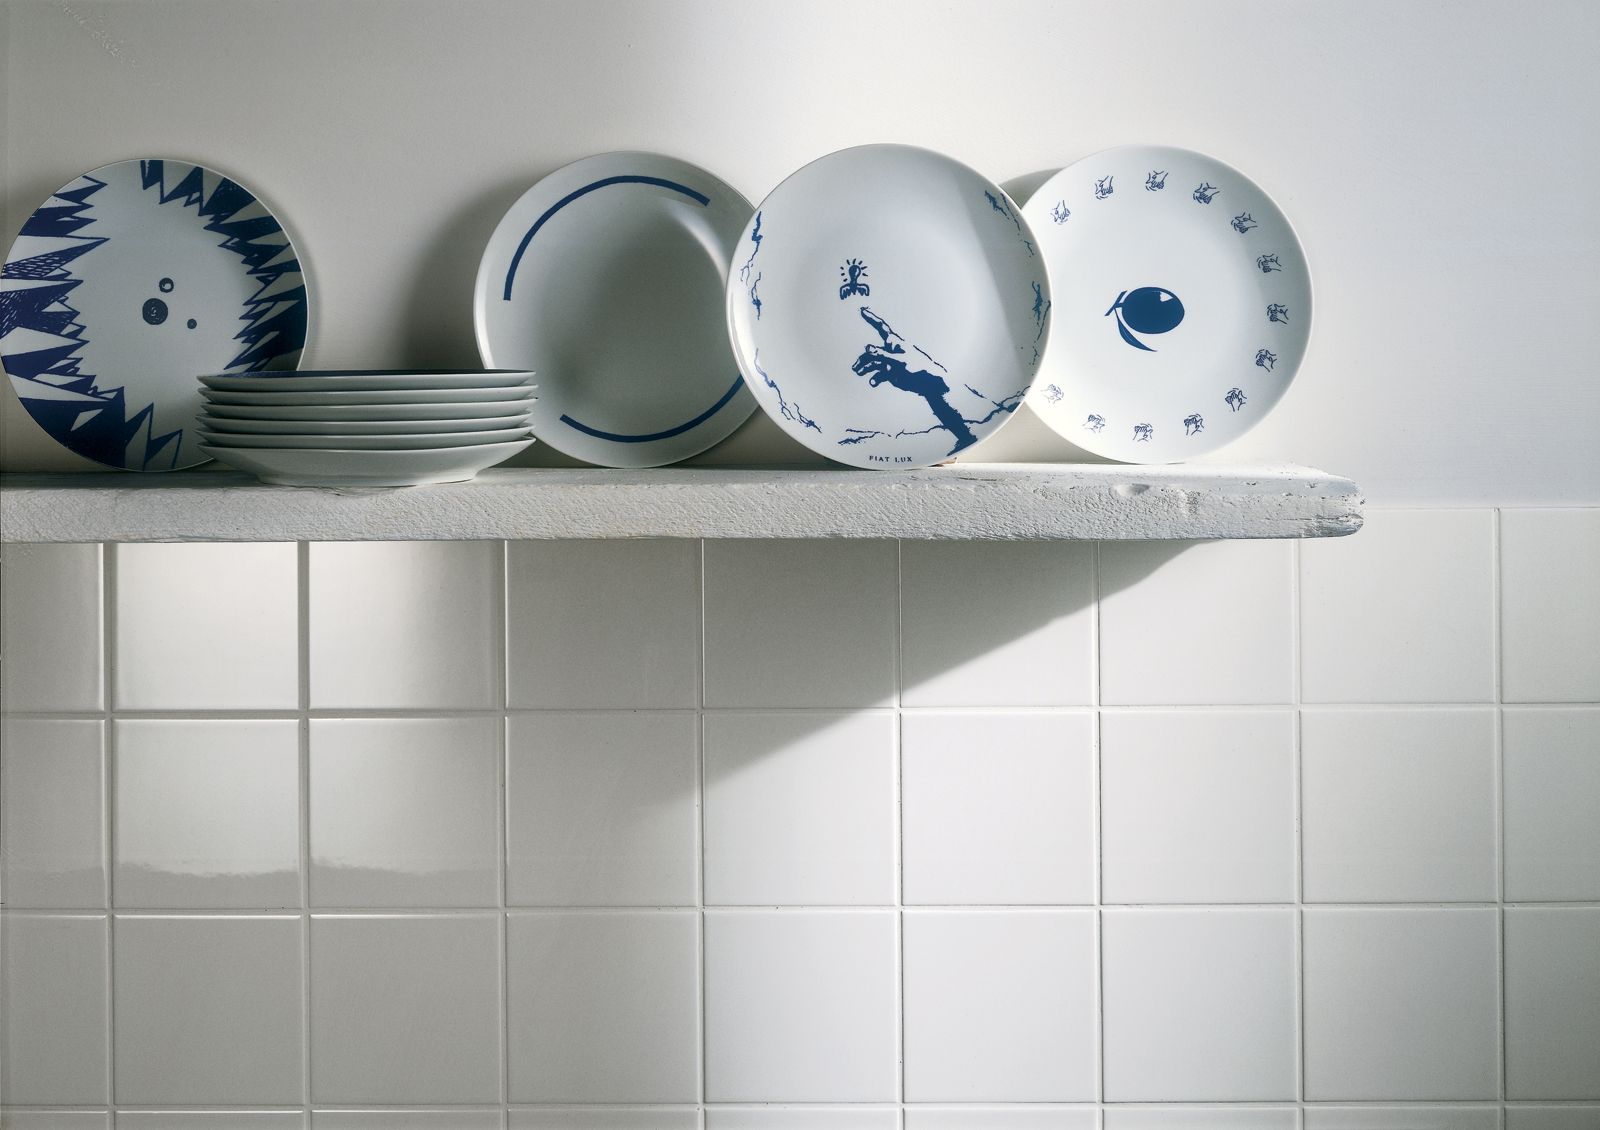 Bianchi piastrelle in ceramica per rivestimenti ragno - Piastrelle bianche cucina ...